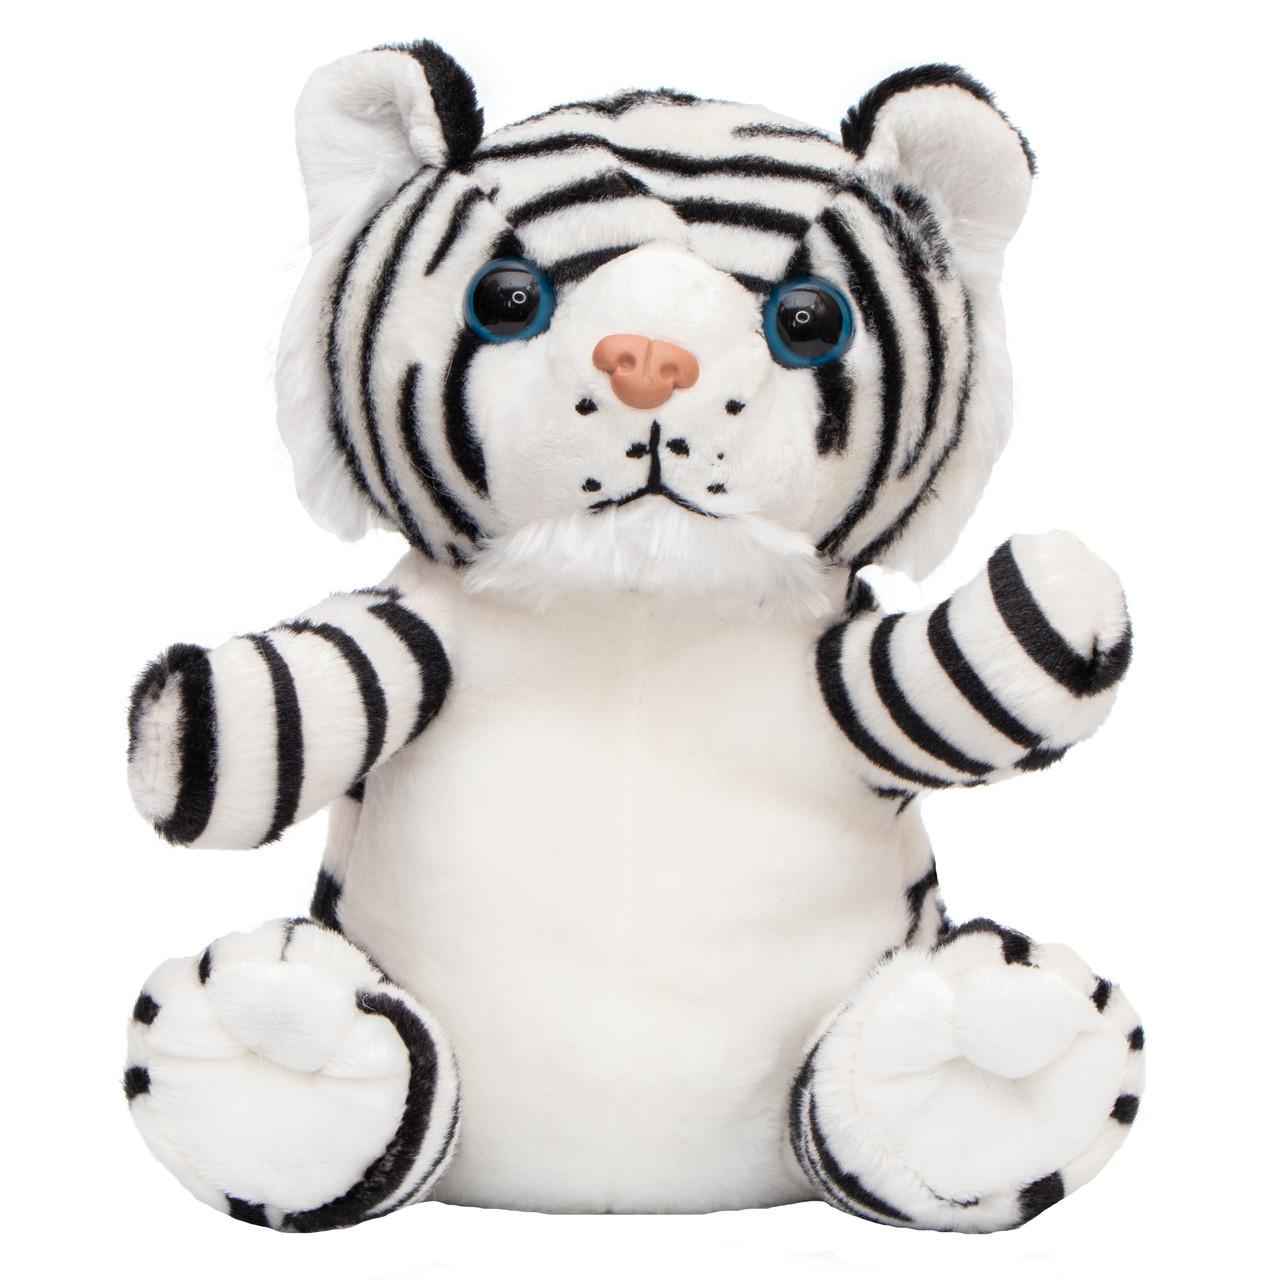 М'яка іграшка - тигр, 20 см, білий, плюш (395780)